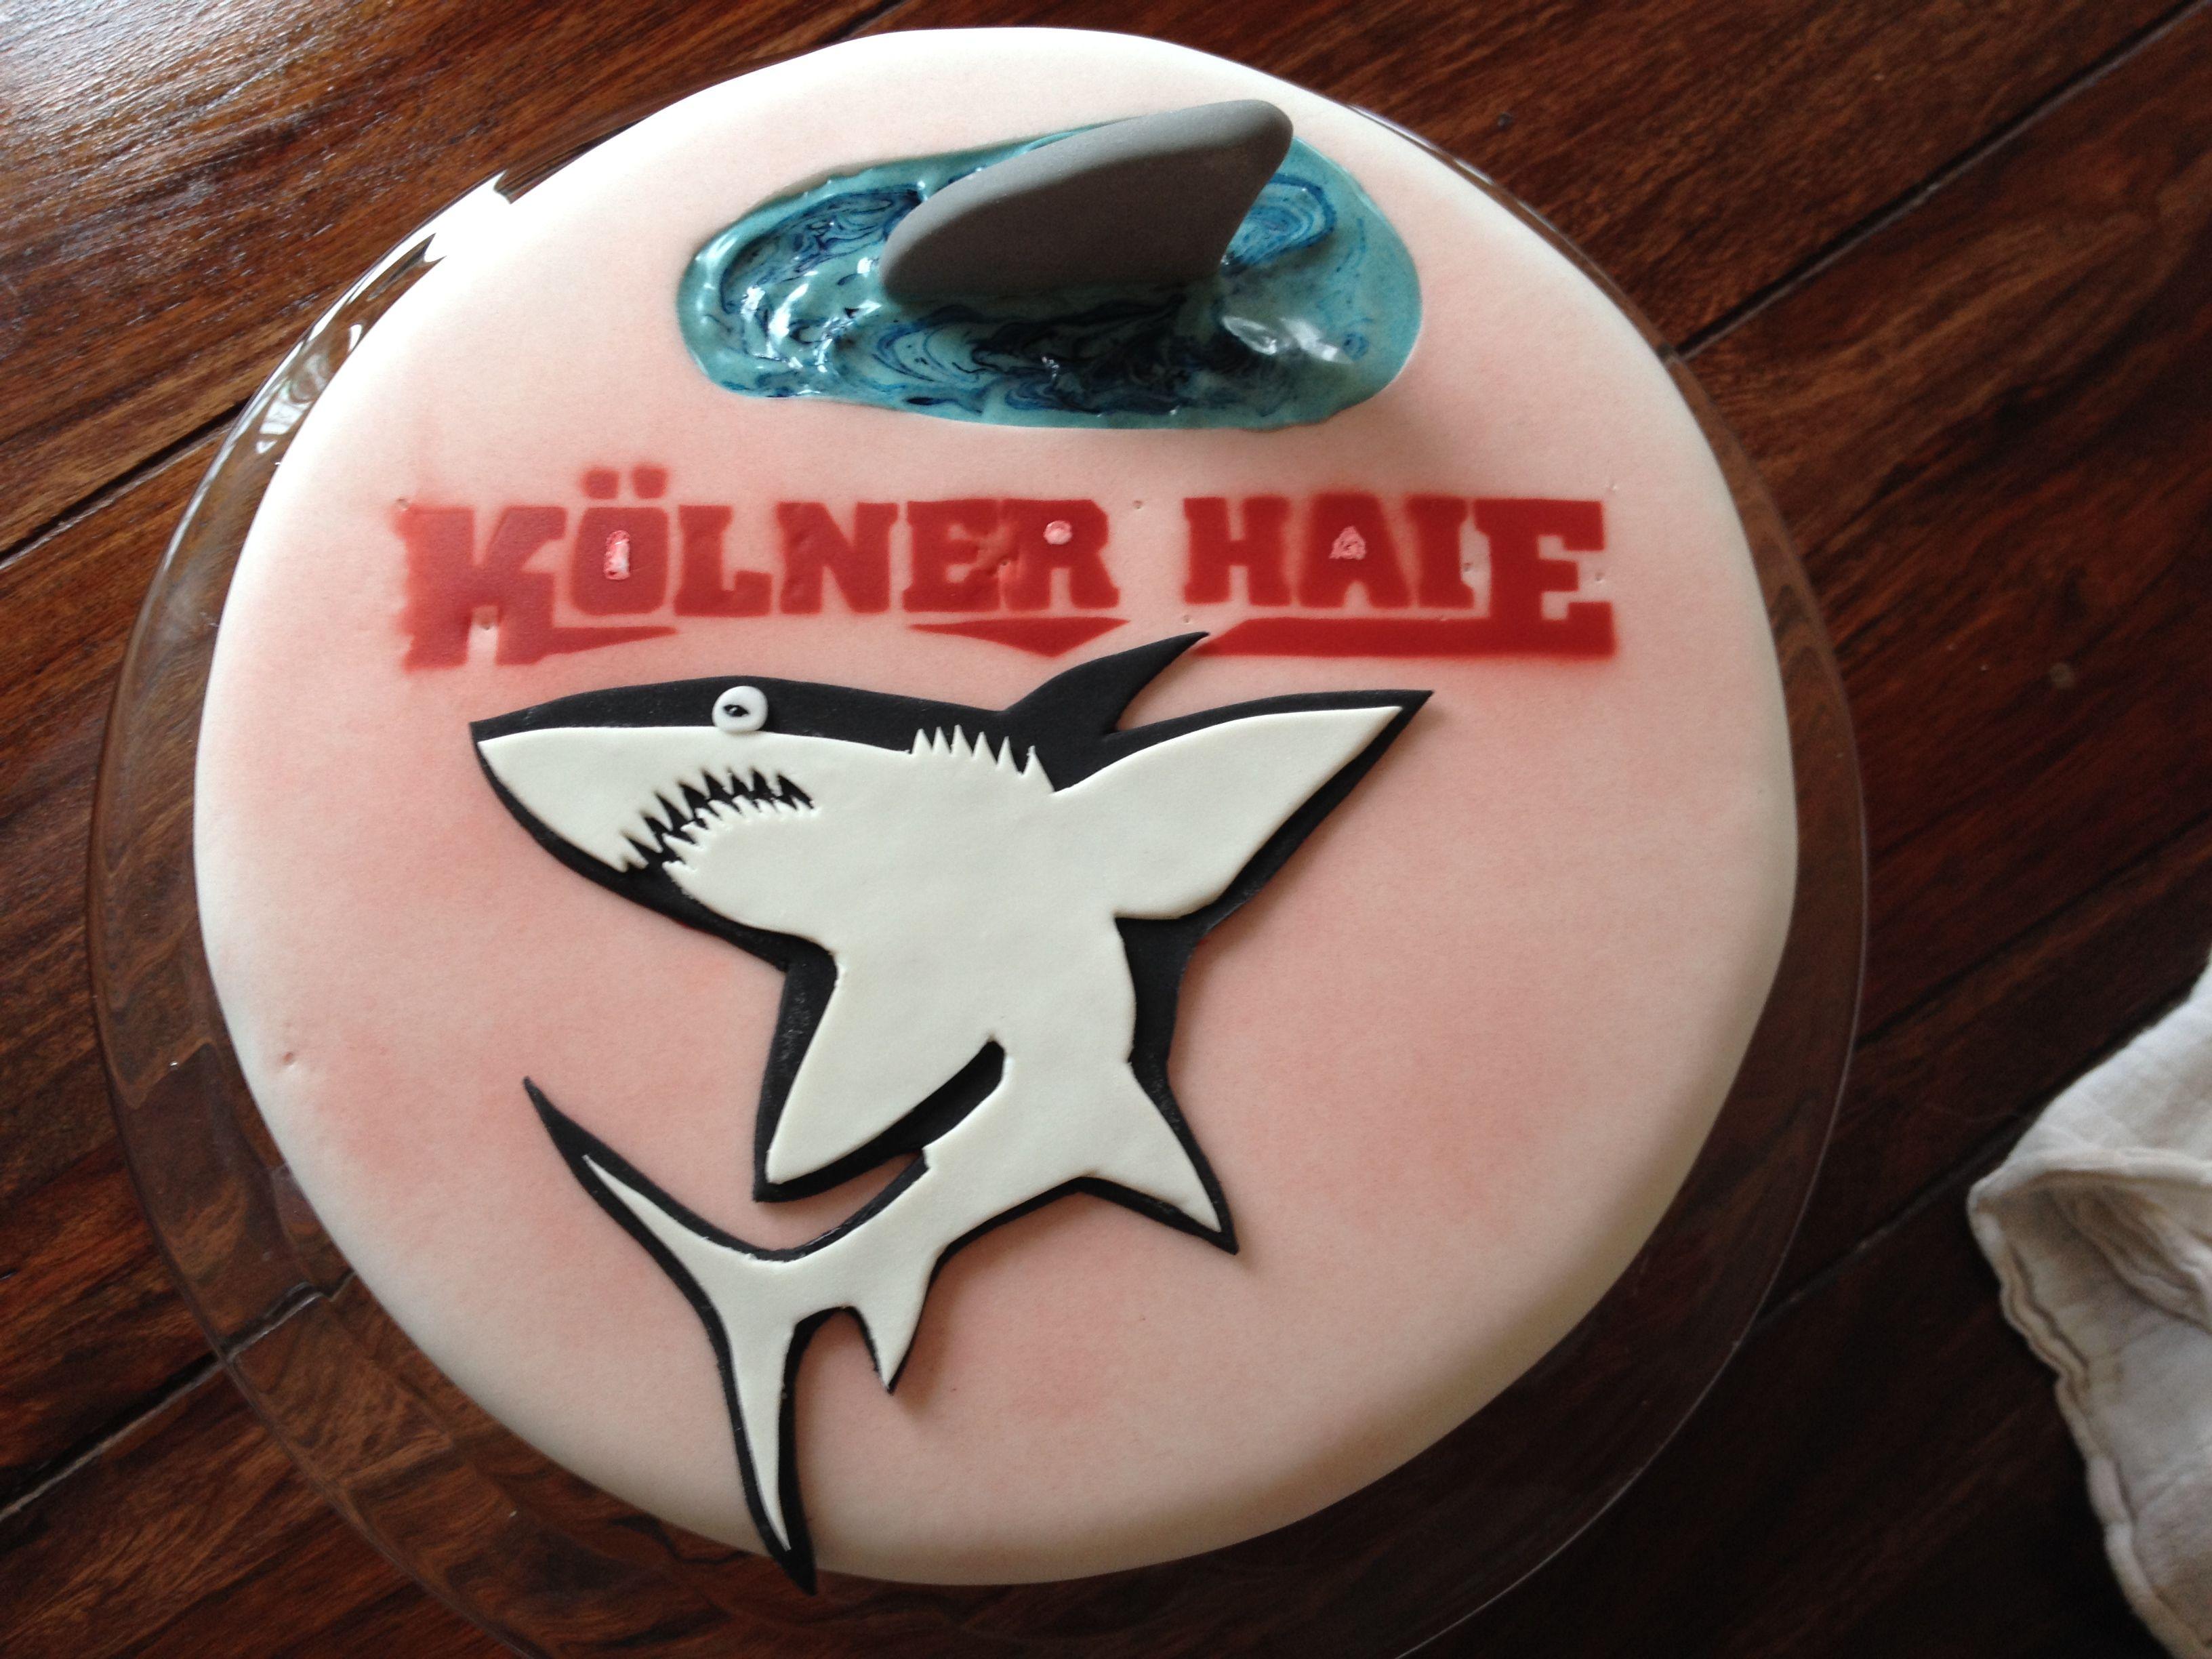 Kolner Haie Dessert Ideen Geschenkideen Kuchen